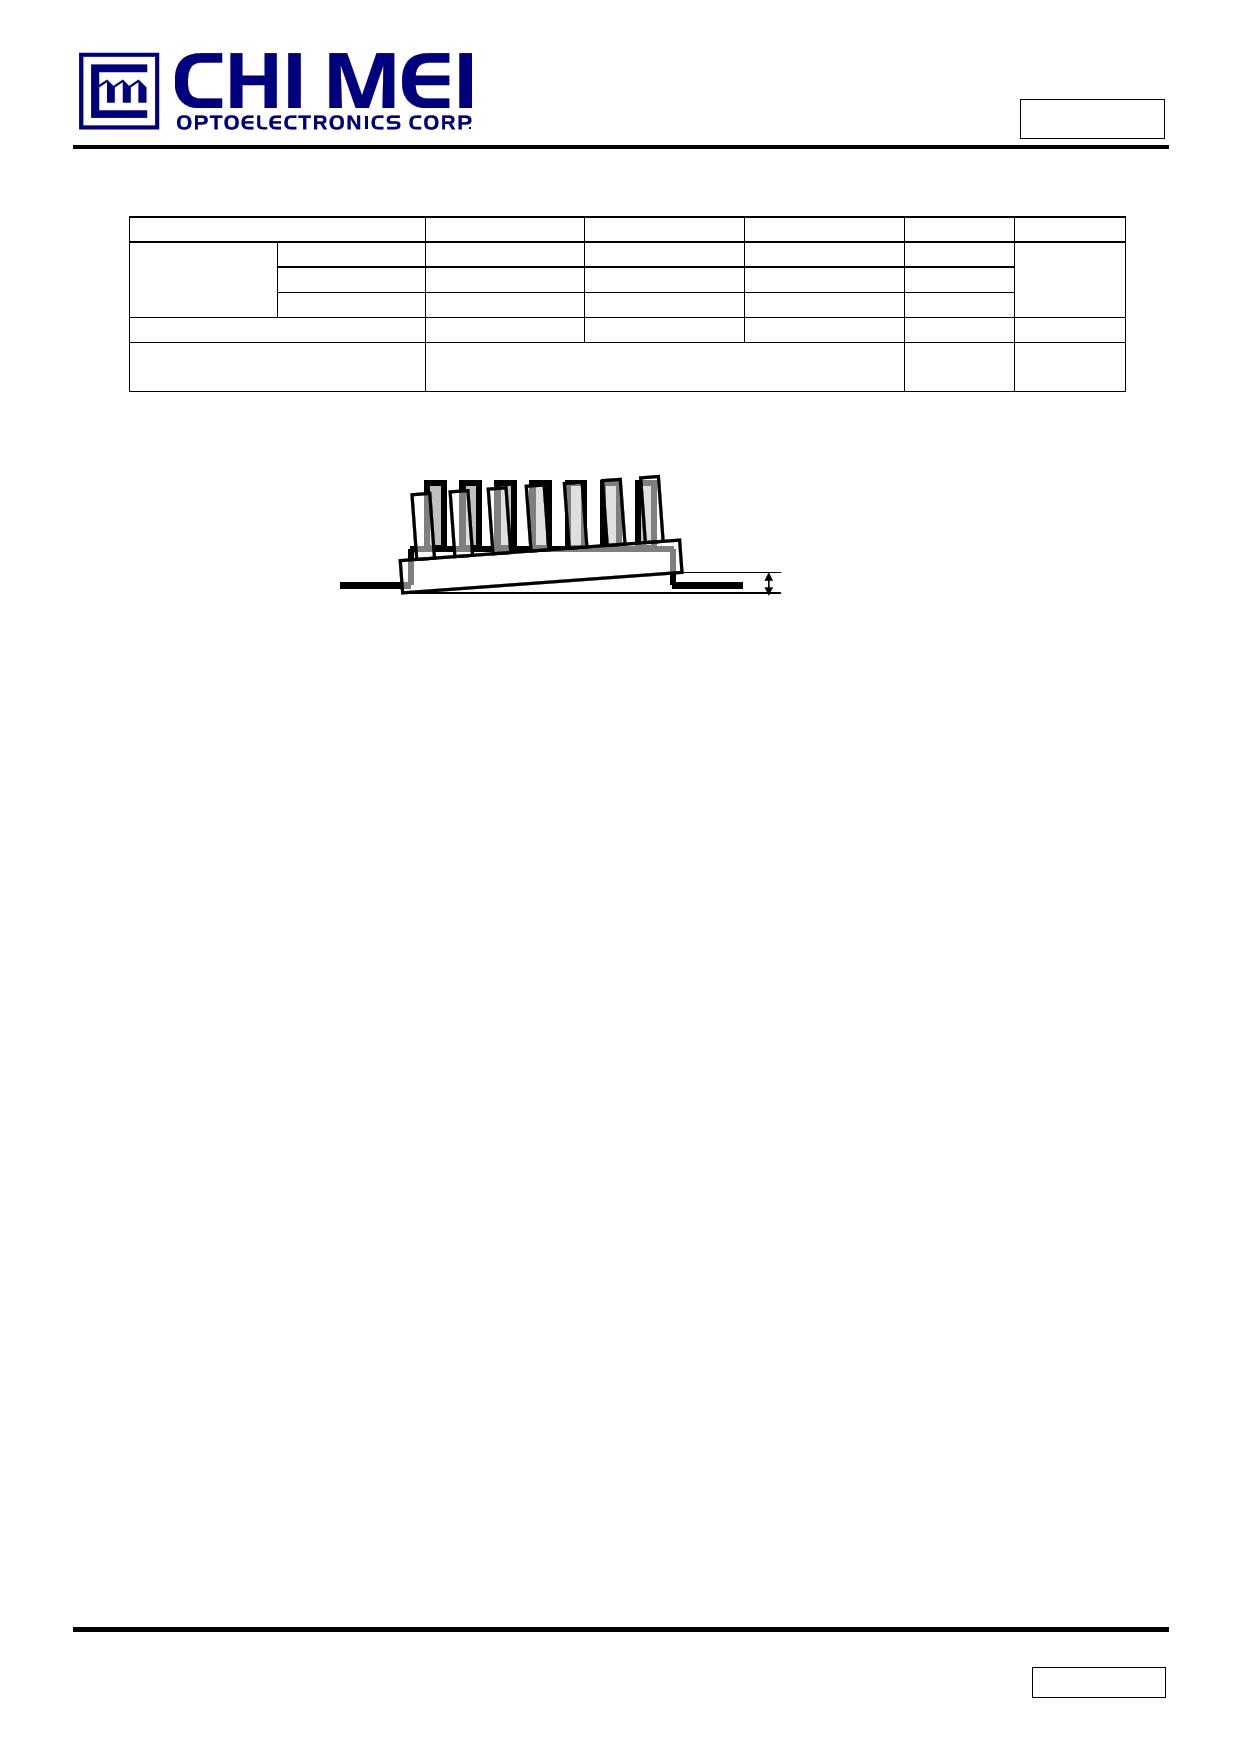 G104S1-L01 pdf